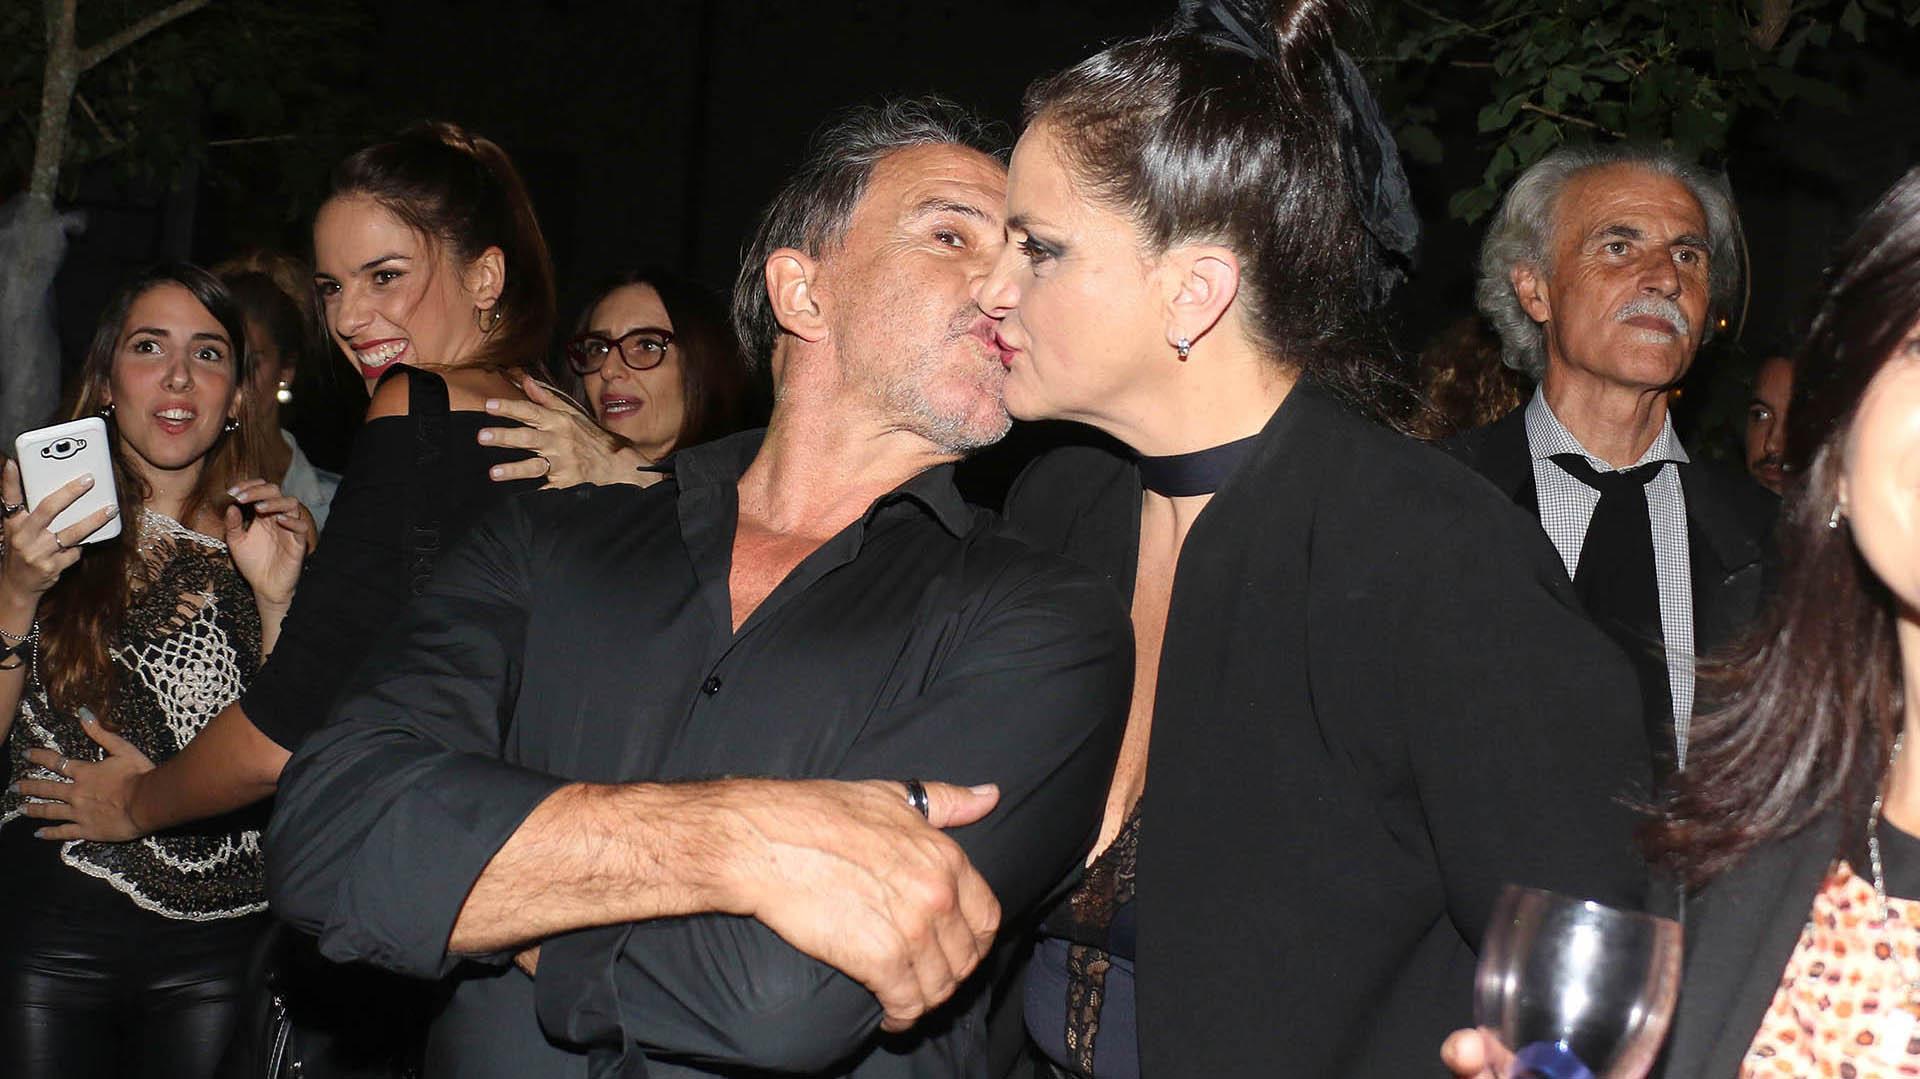 El protagonista del evento, cerró su noche muy feliz junto a su pareja, Viviana Sáenz (Créditos: Verónica Guerman / Teleshow)